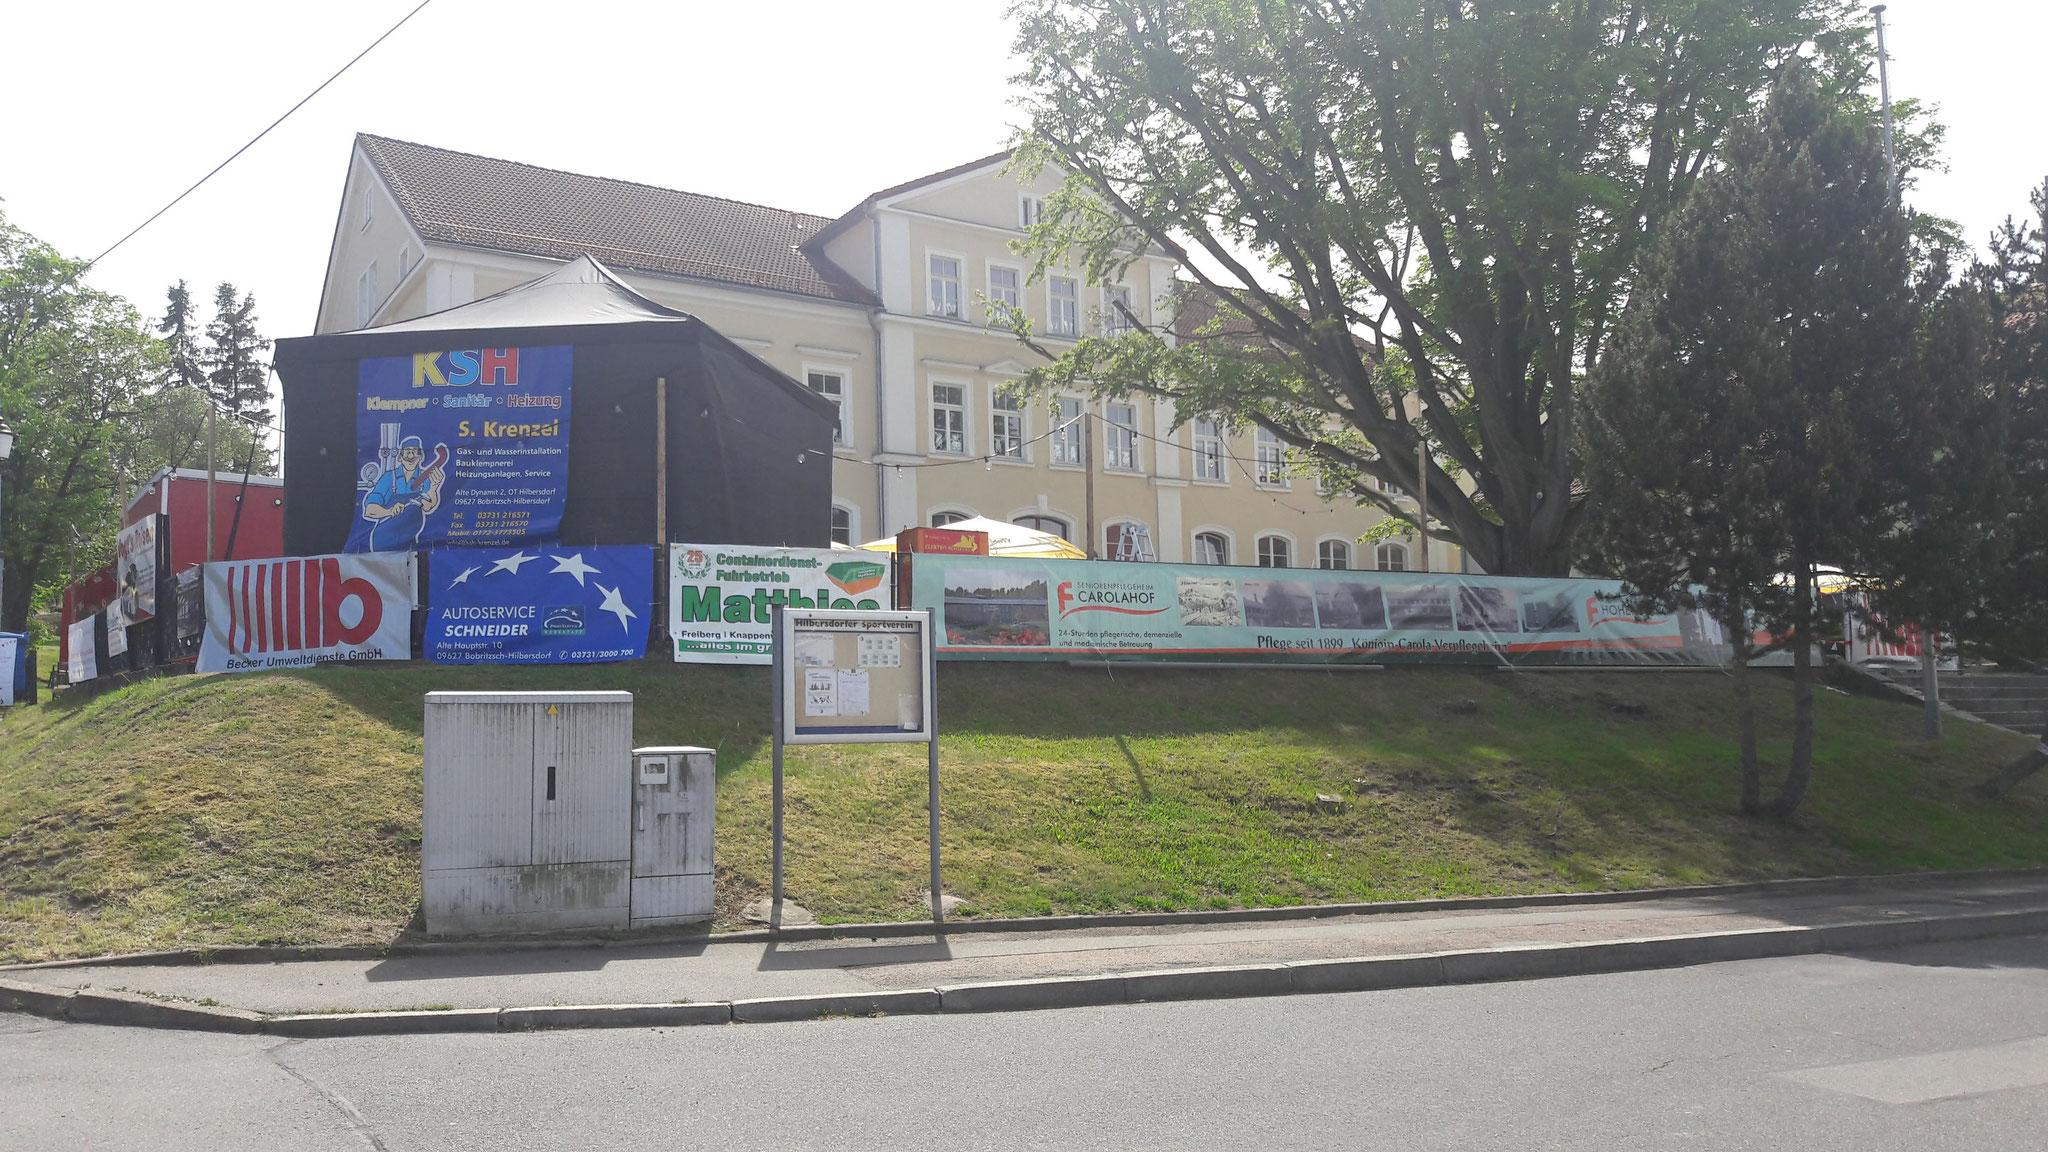 Der Zaun der Schule wird ratfatz zur größten Werbetafel von Hilbersdorf. Auf diesem Weg auch nochmal ein herzlichen Dank an all unsere Sponsoren und natürlich auch an alle die geholfen haben!